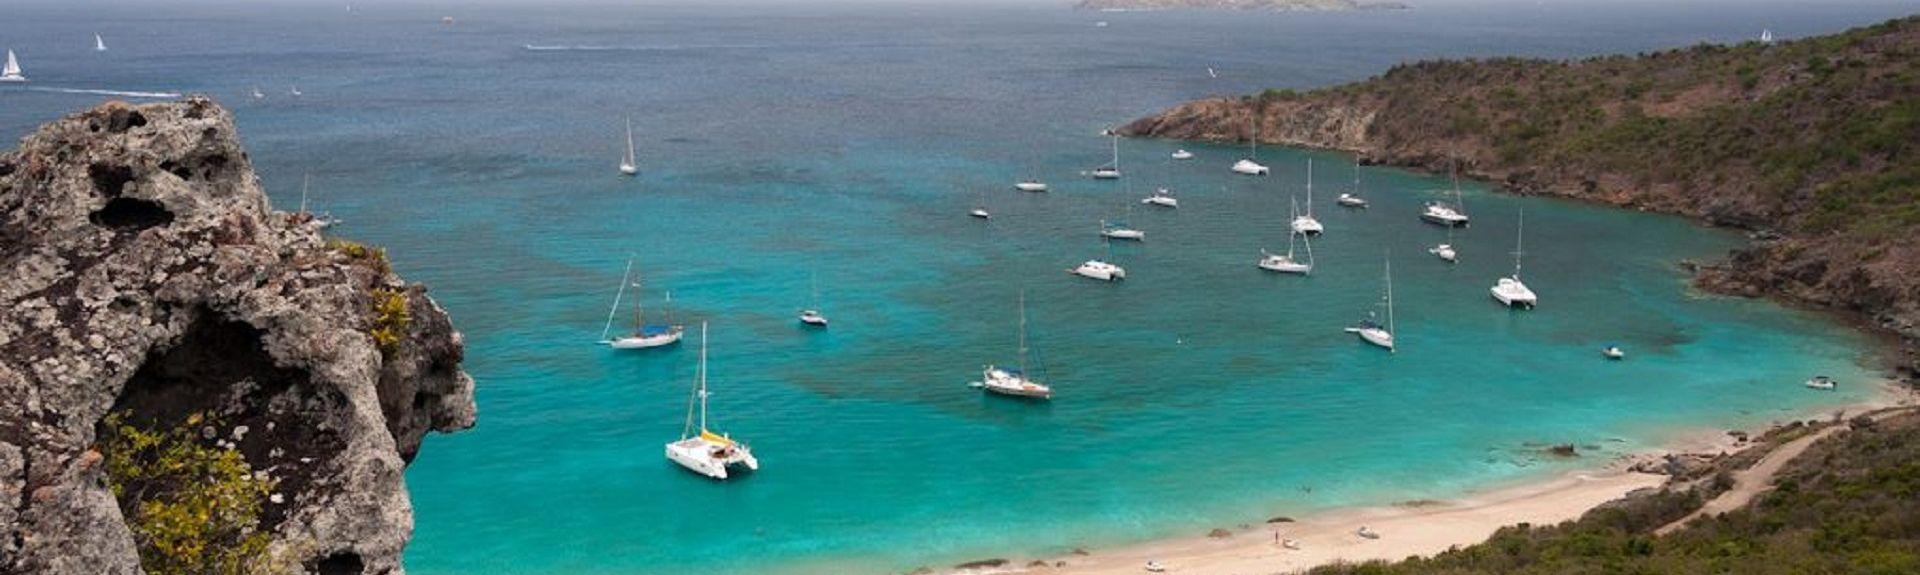 Pelican Key, Koolbaai, Sint Maarten